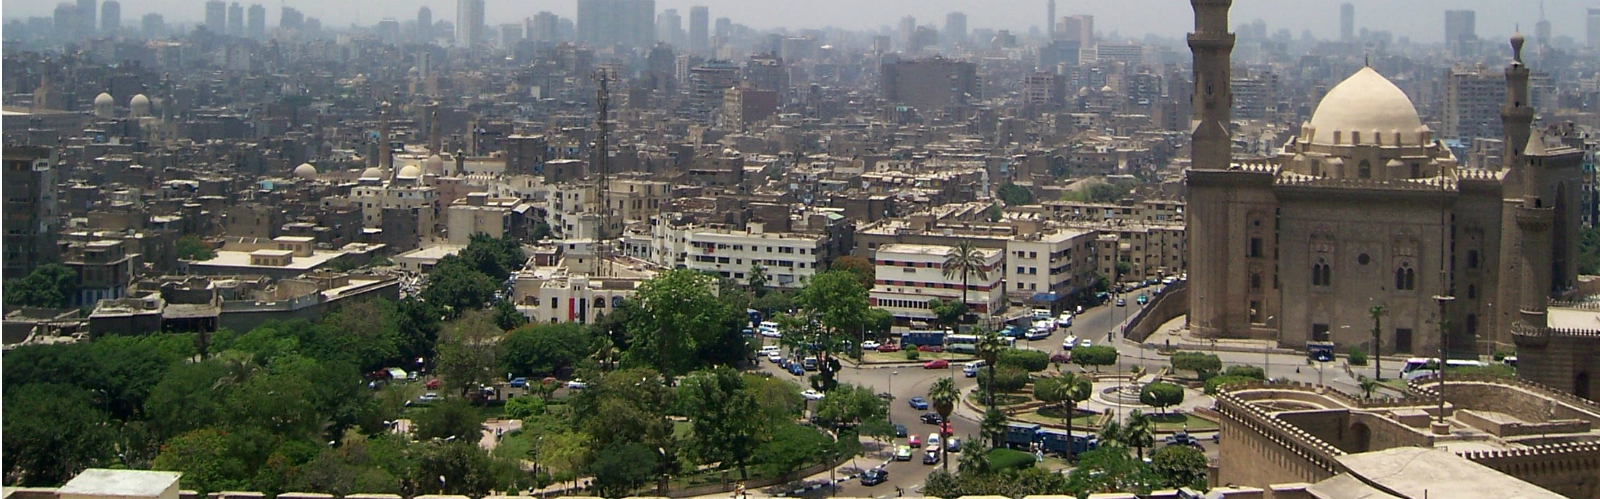 Vakantie naar Caïro Woestijn of stad?